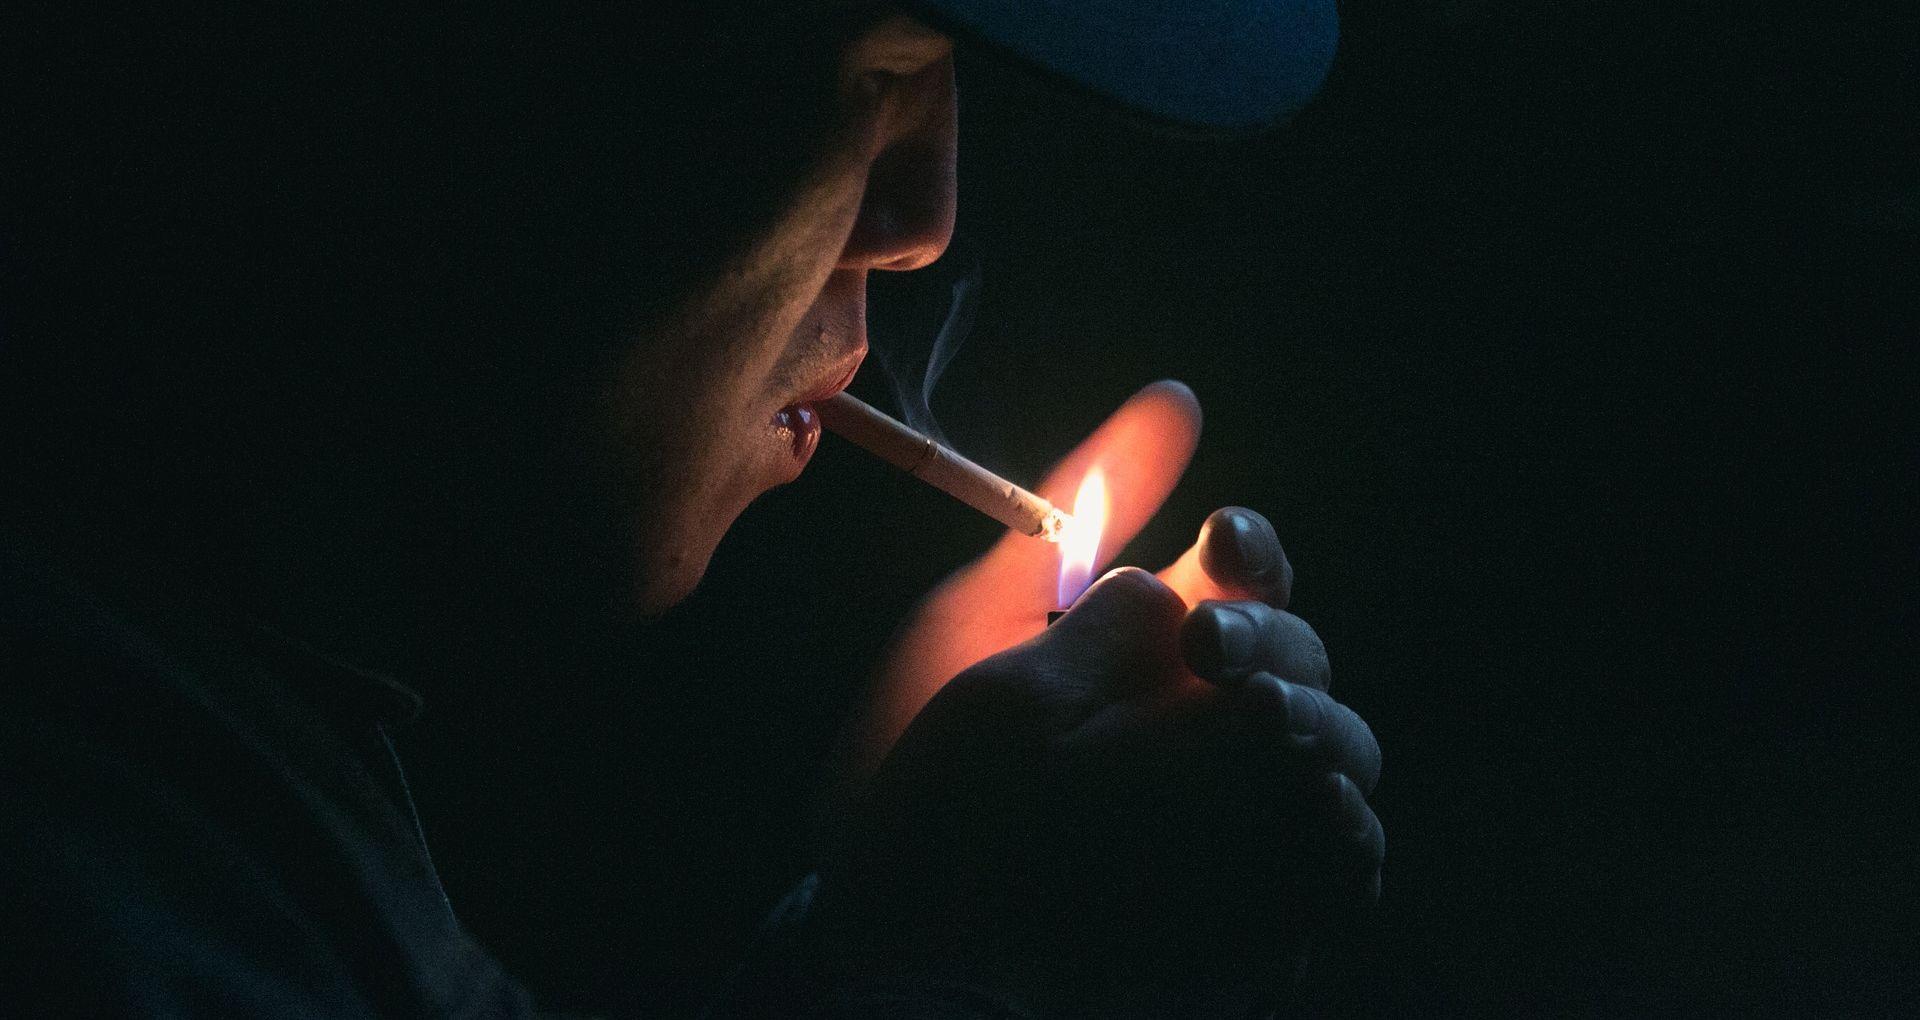 Najave sankcija ubrzale izmjene Zakona o ograničavanju duhanskih proizvoda